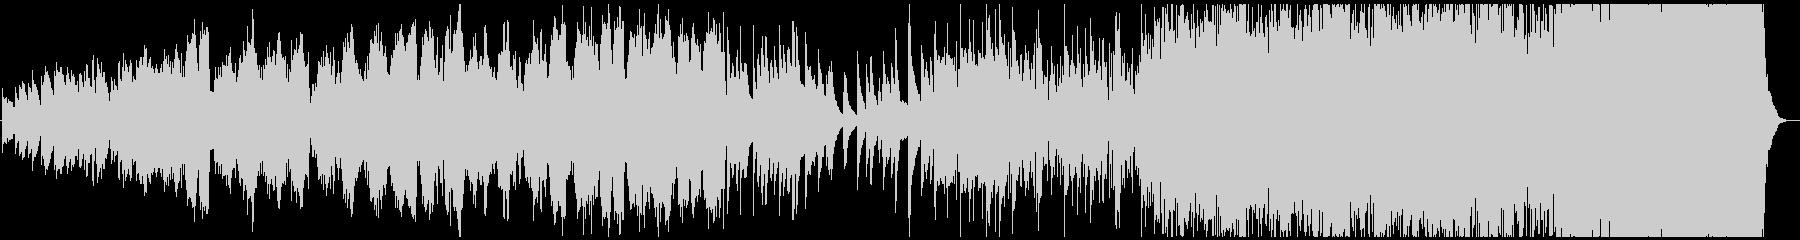 ピアノとストリングスの悲しいエンディングの未再生の波形